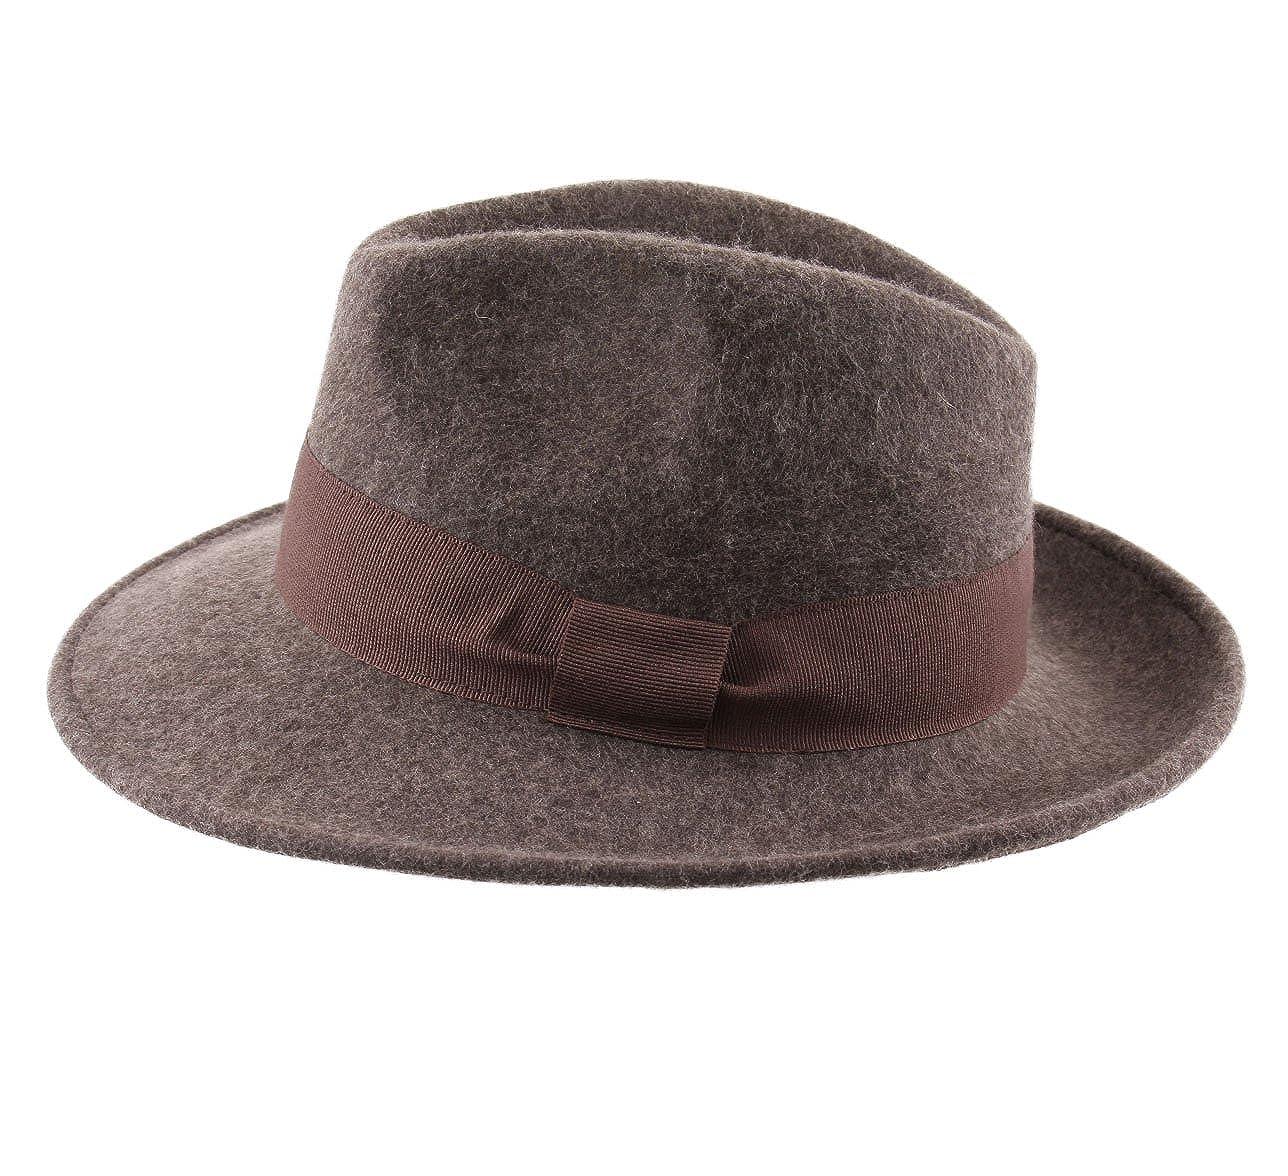 9 Coloris Chapeau Fedora Pliable Feutre Classic Italy Homme ou Femme Fedora